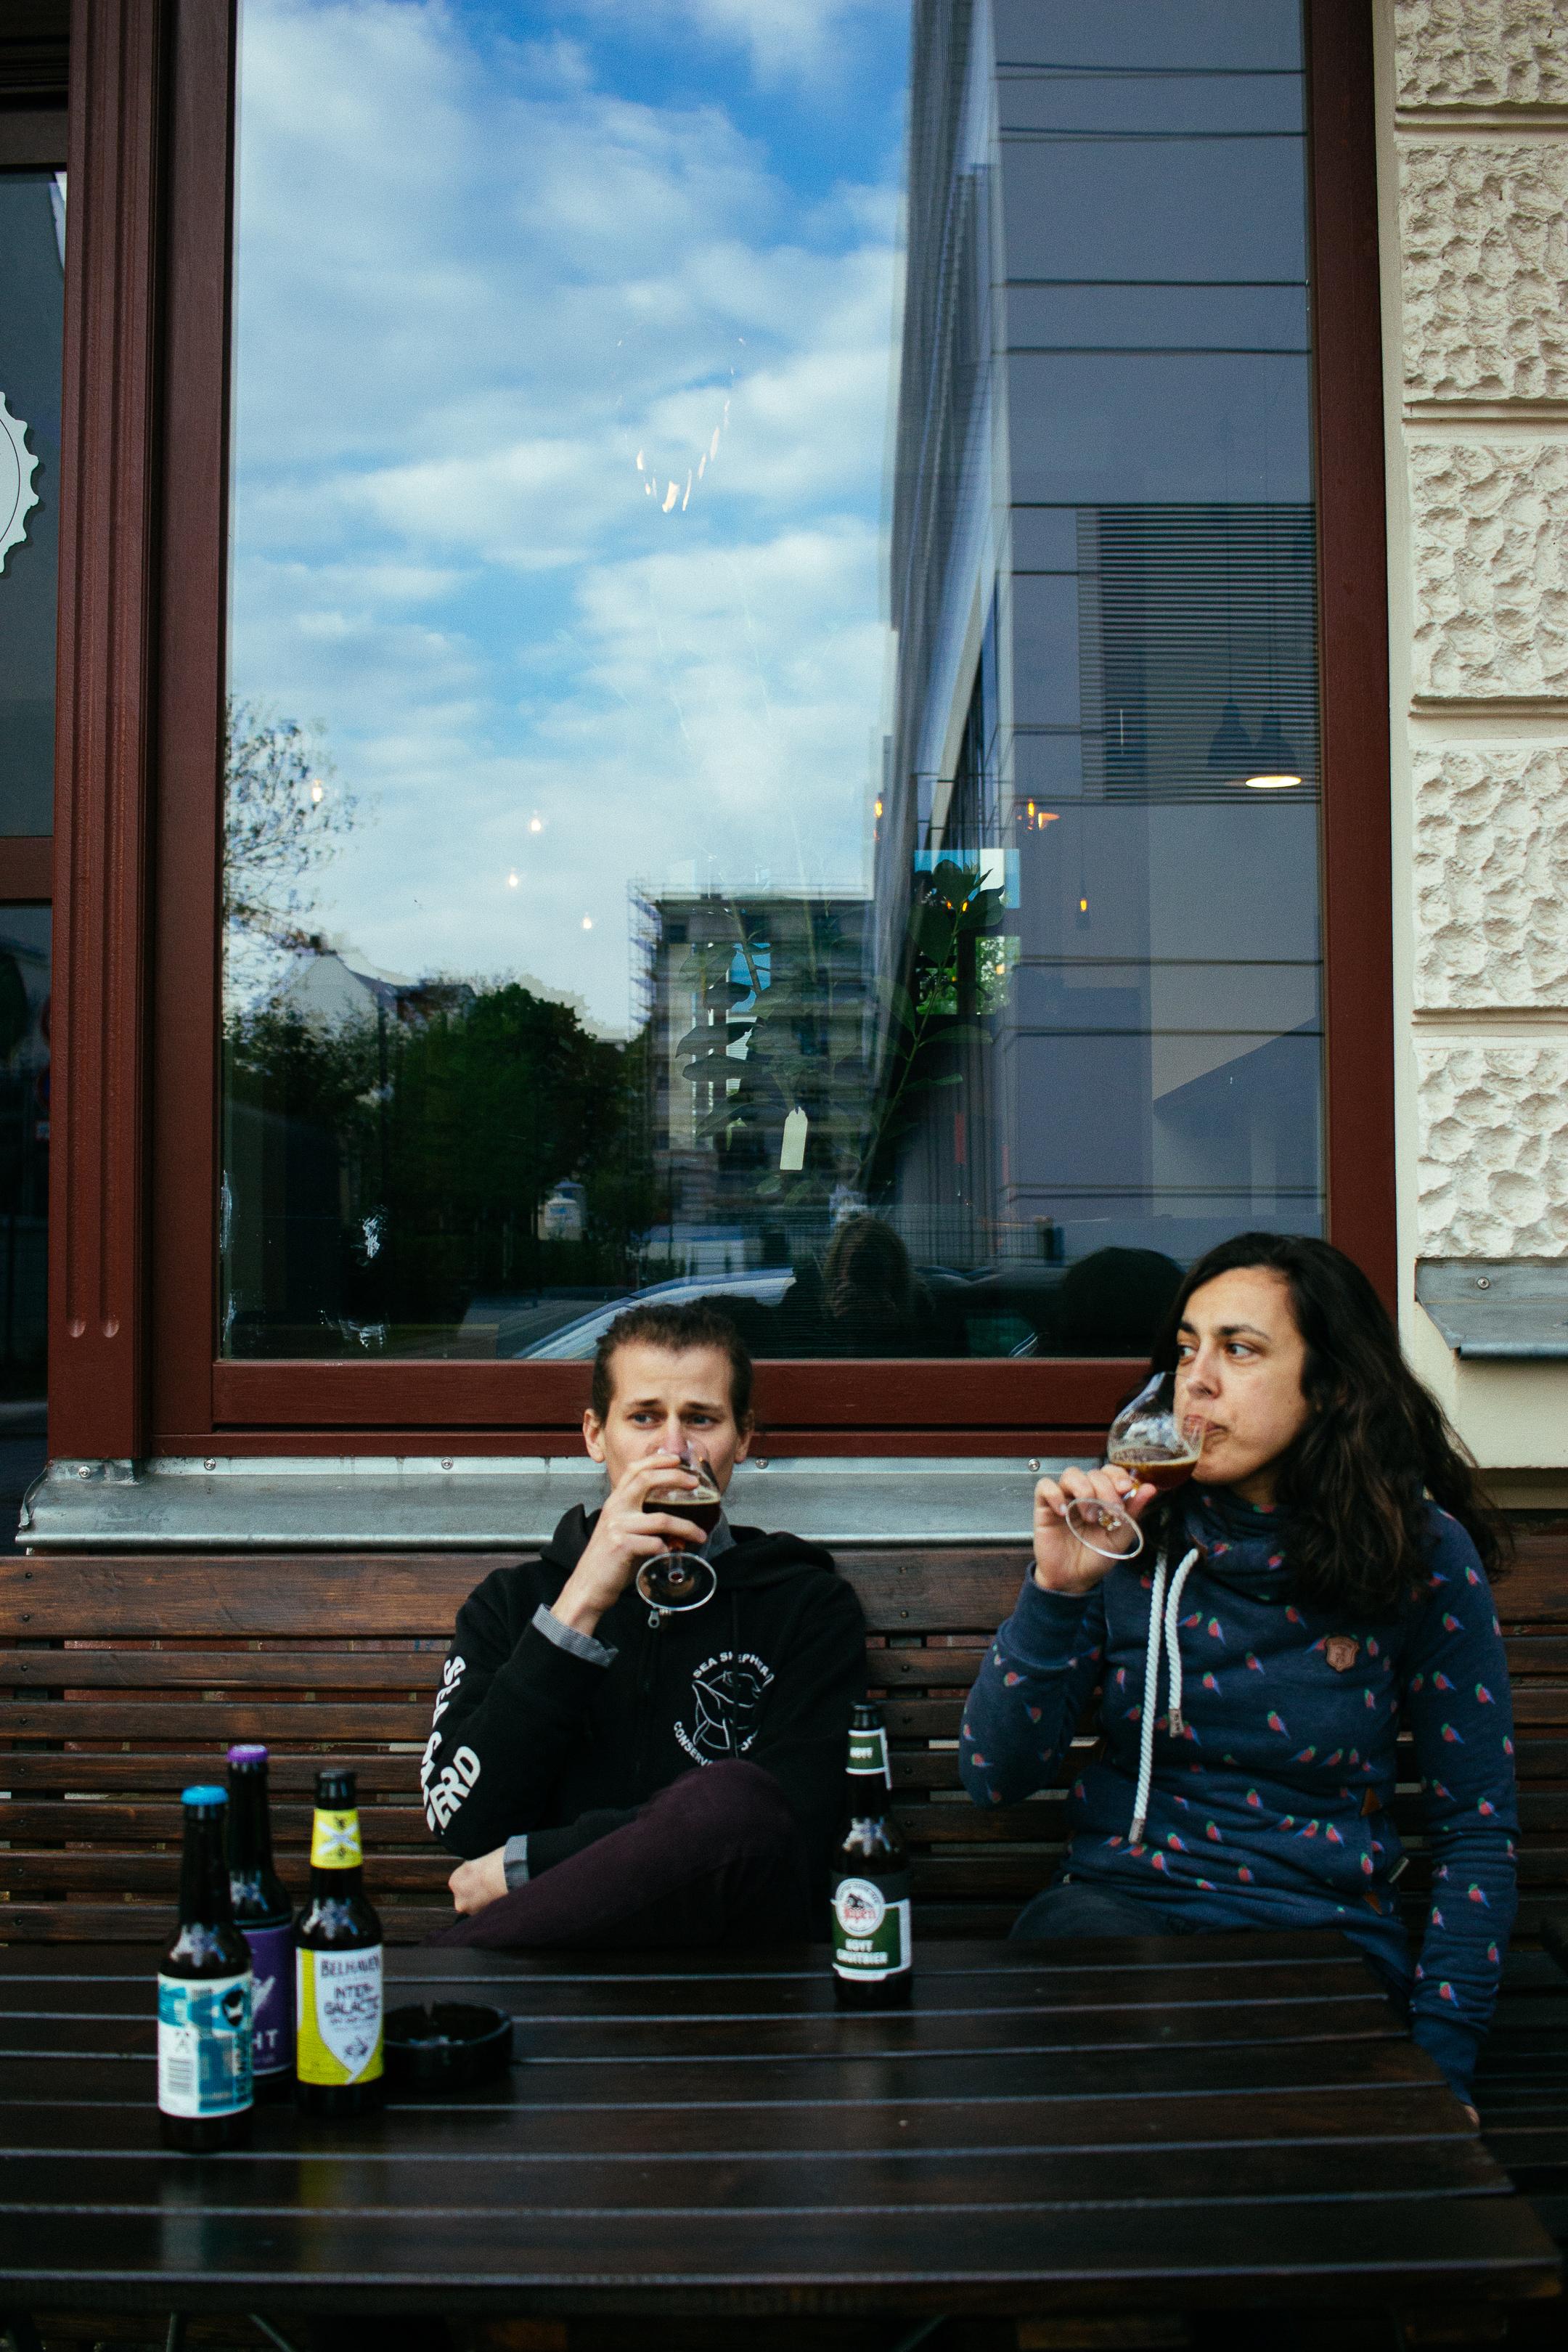 dr.hops_craft beer bar_leipzig_annabelle sagt24